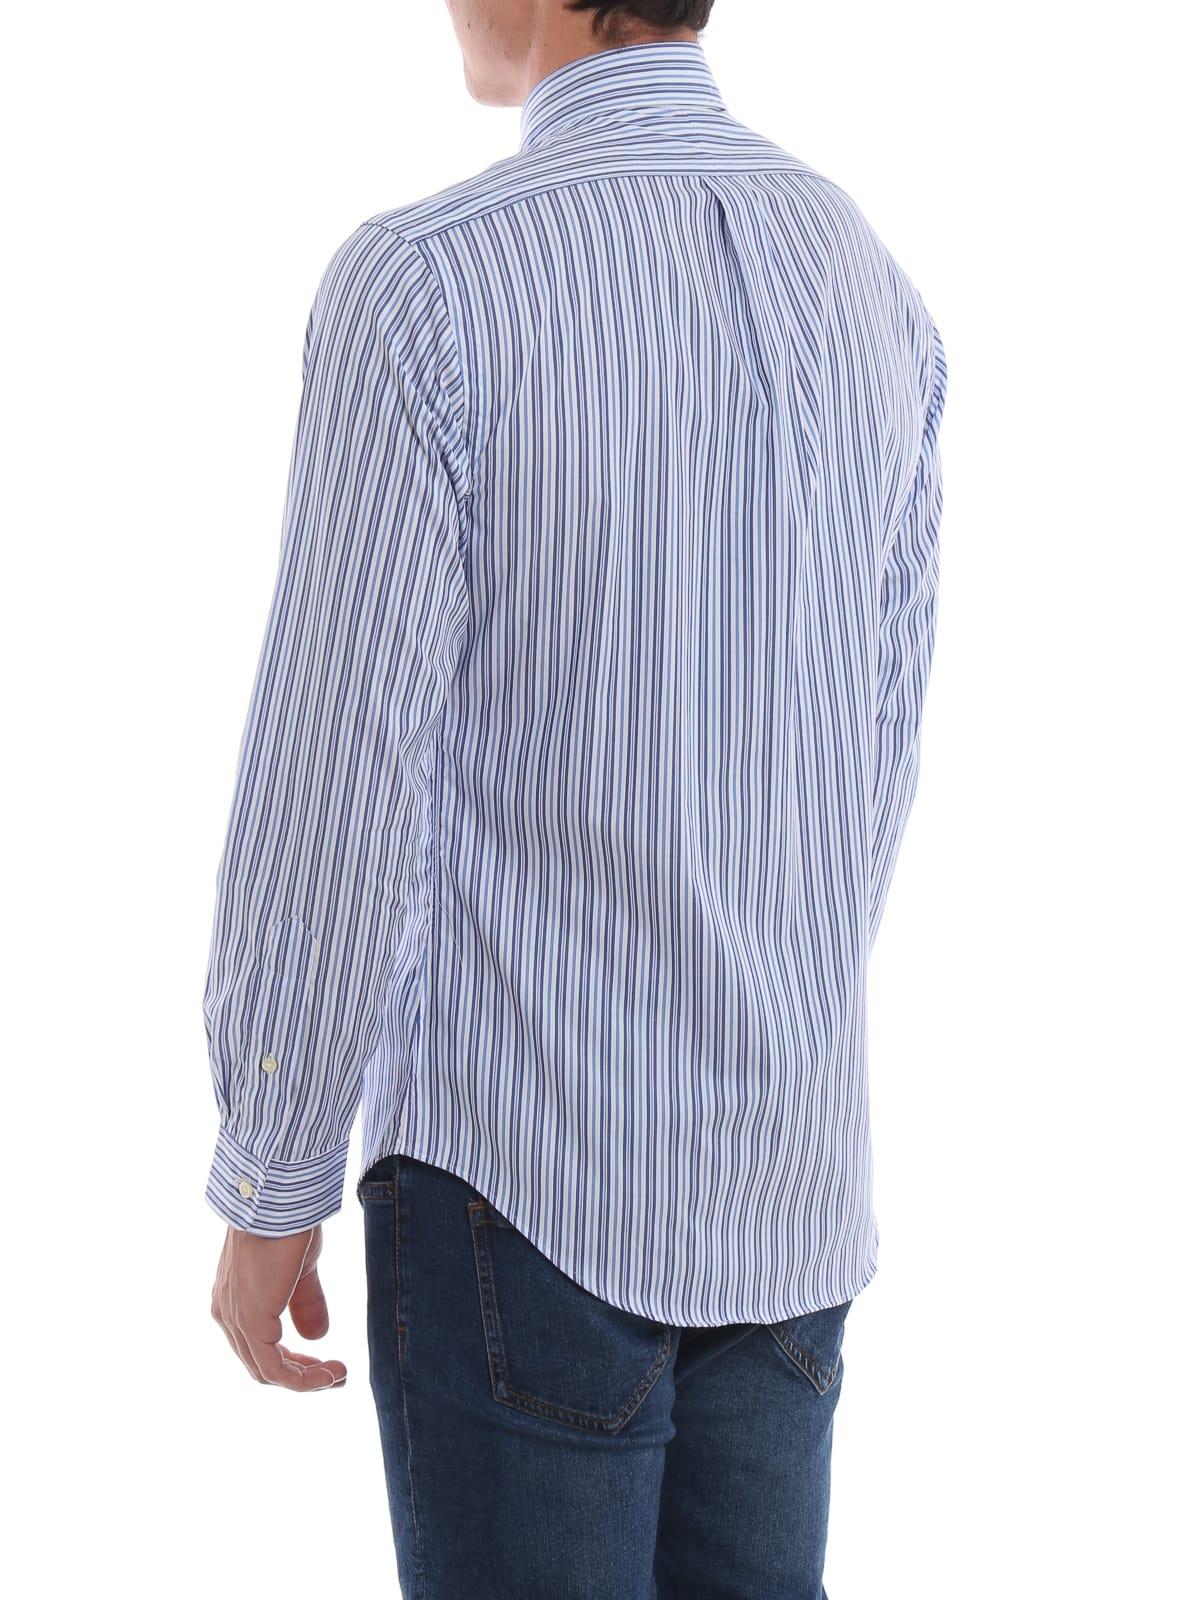 finest selection 421d9 dd8f0 Polo Ralph Lauren Polo Ralph Lauren Camicia A Quadri In ...